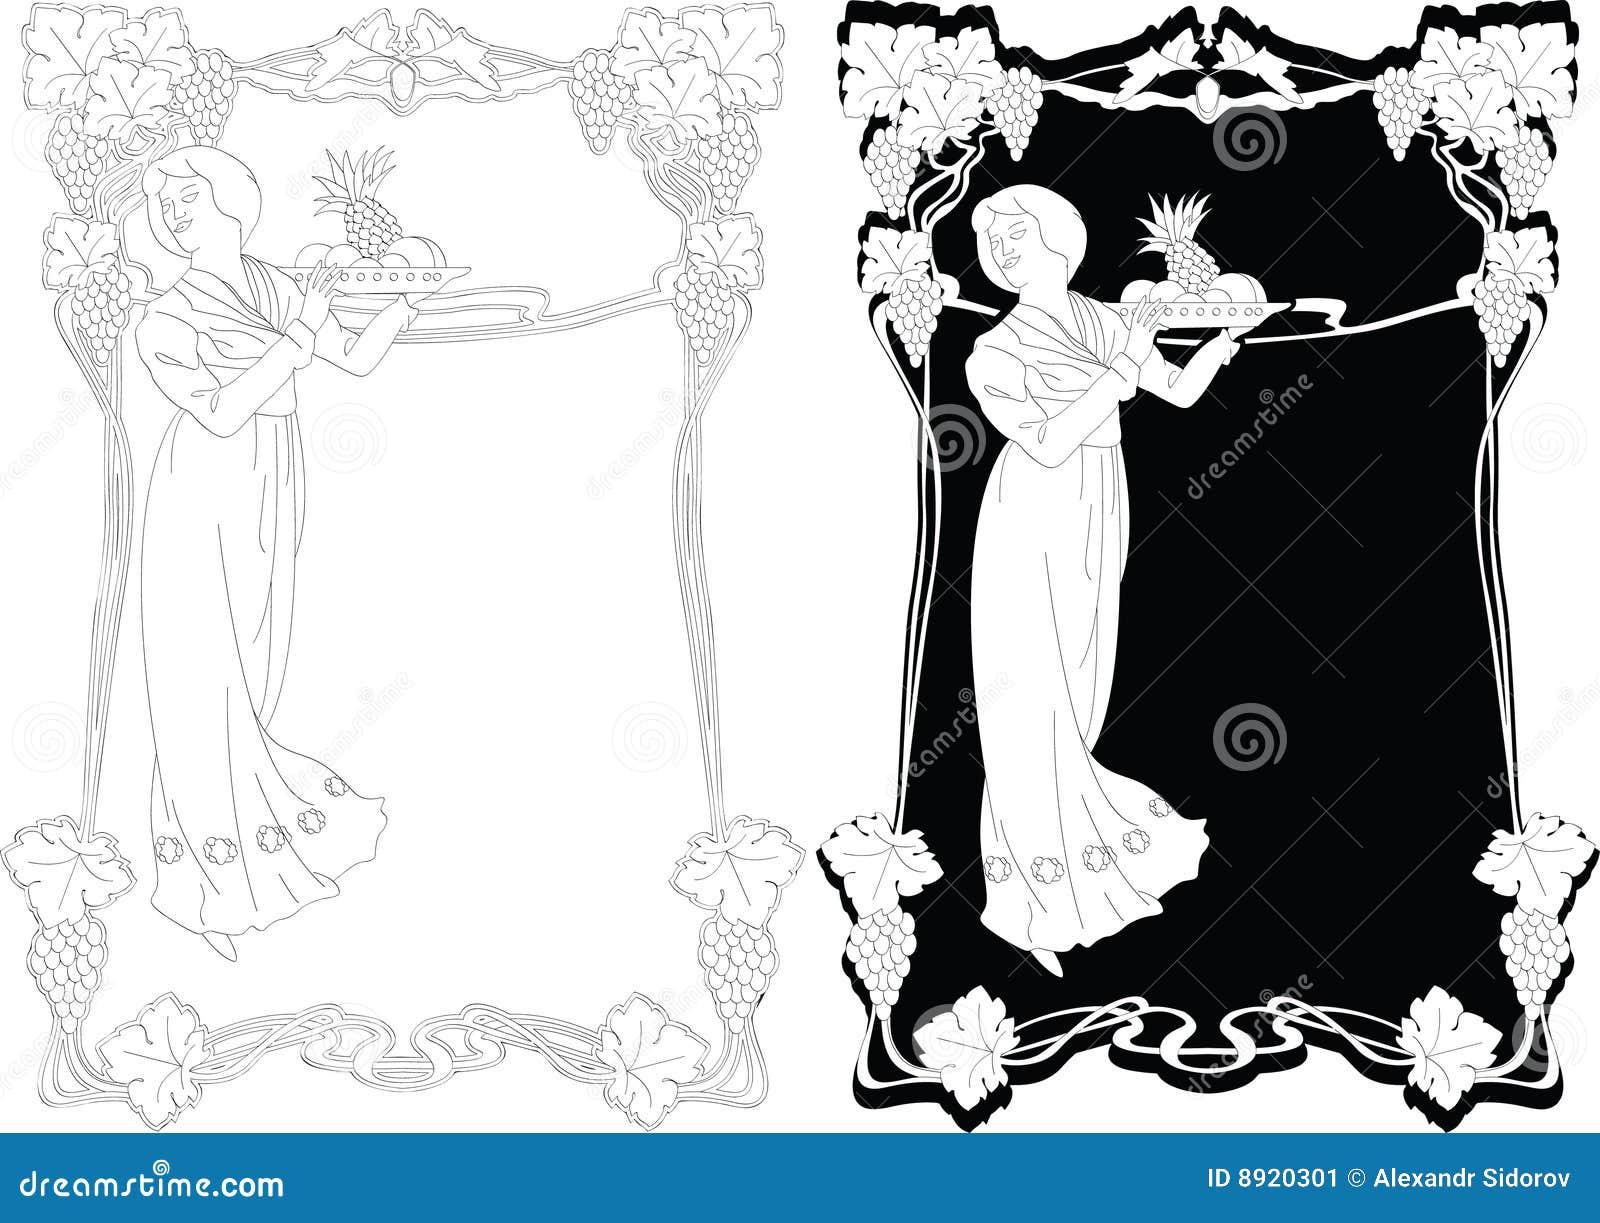 Art-nouveau Border Stock Image - Image: 8920301